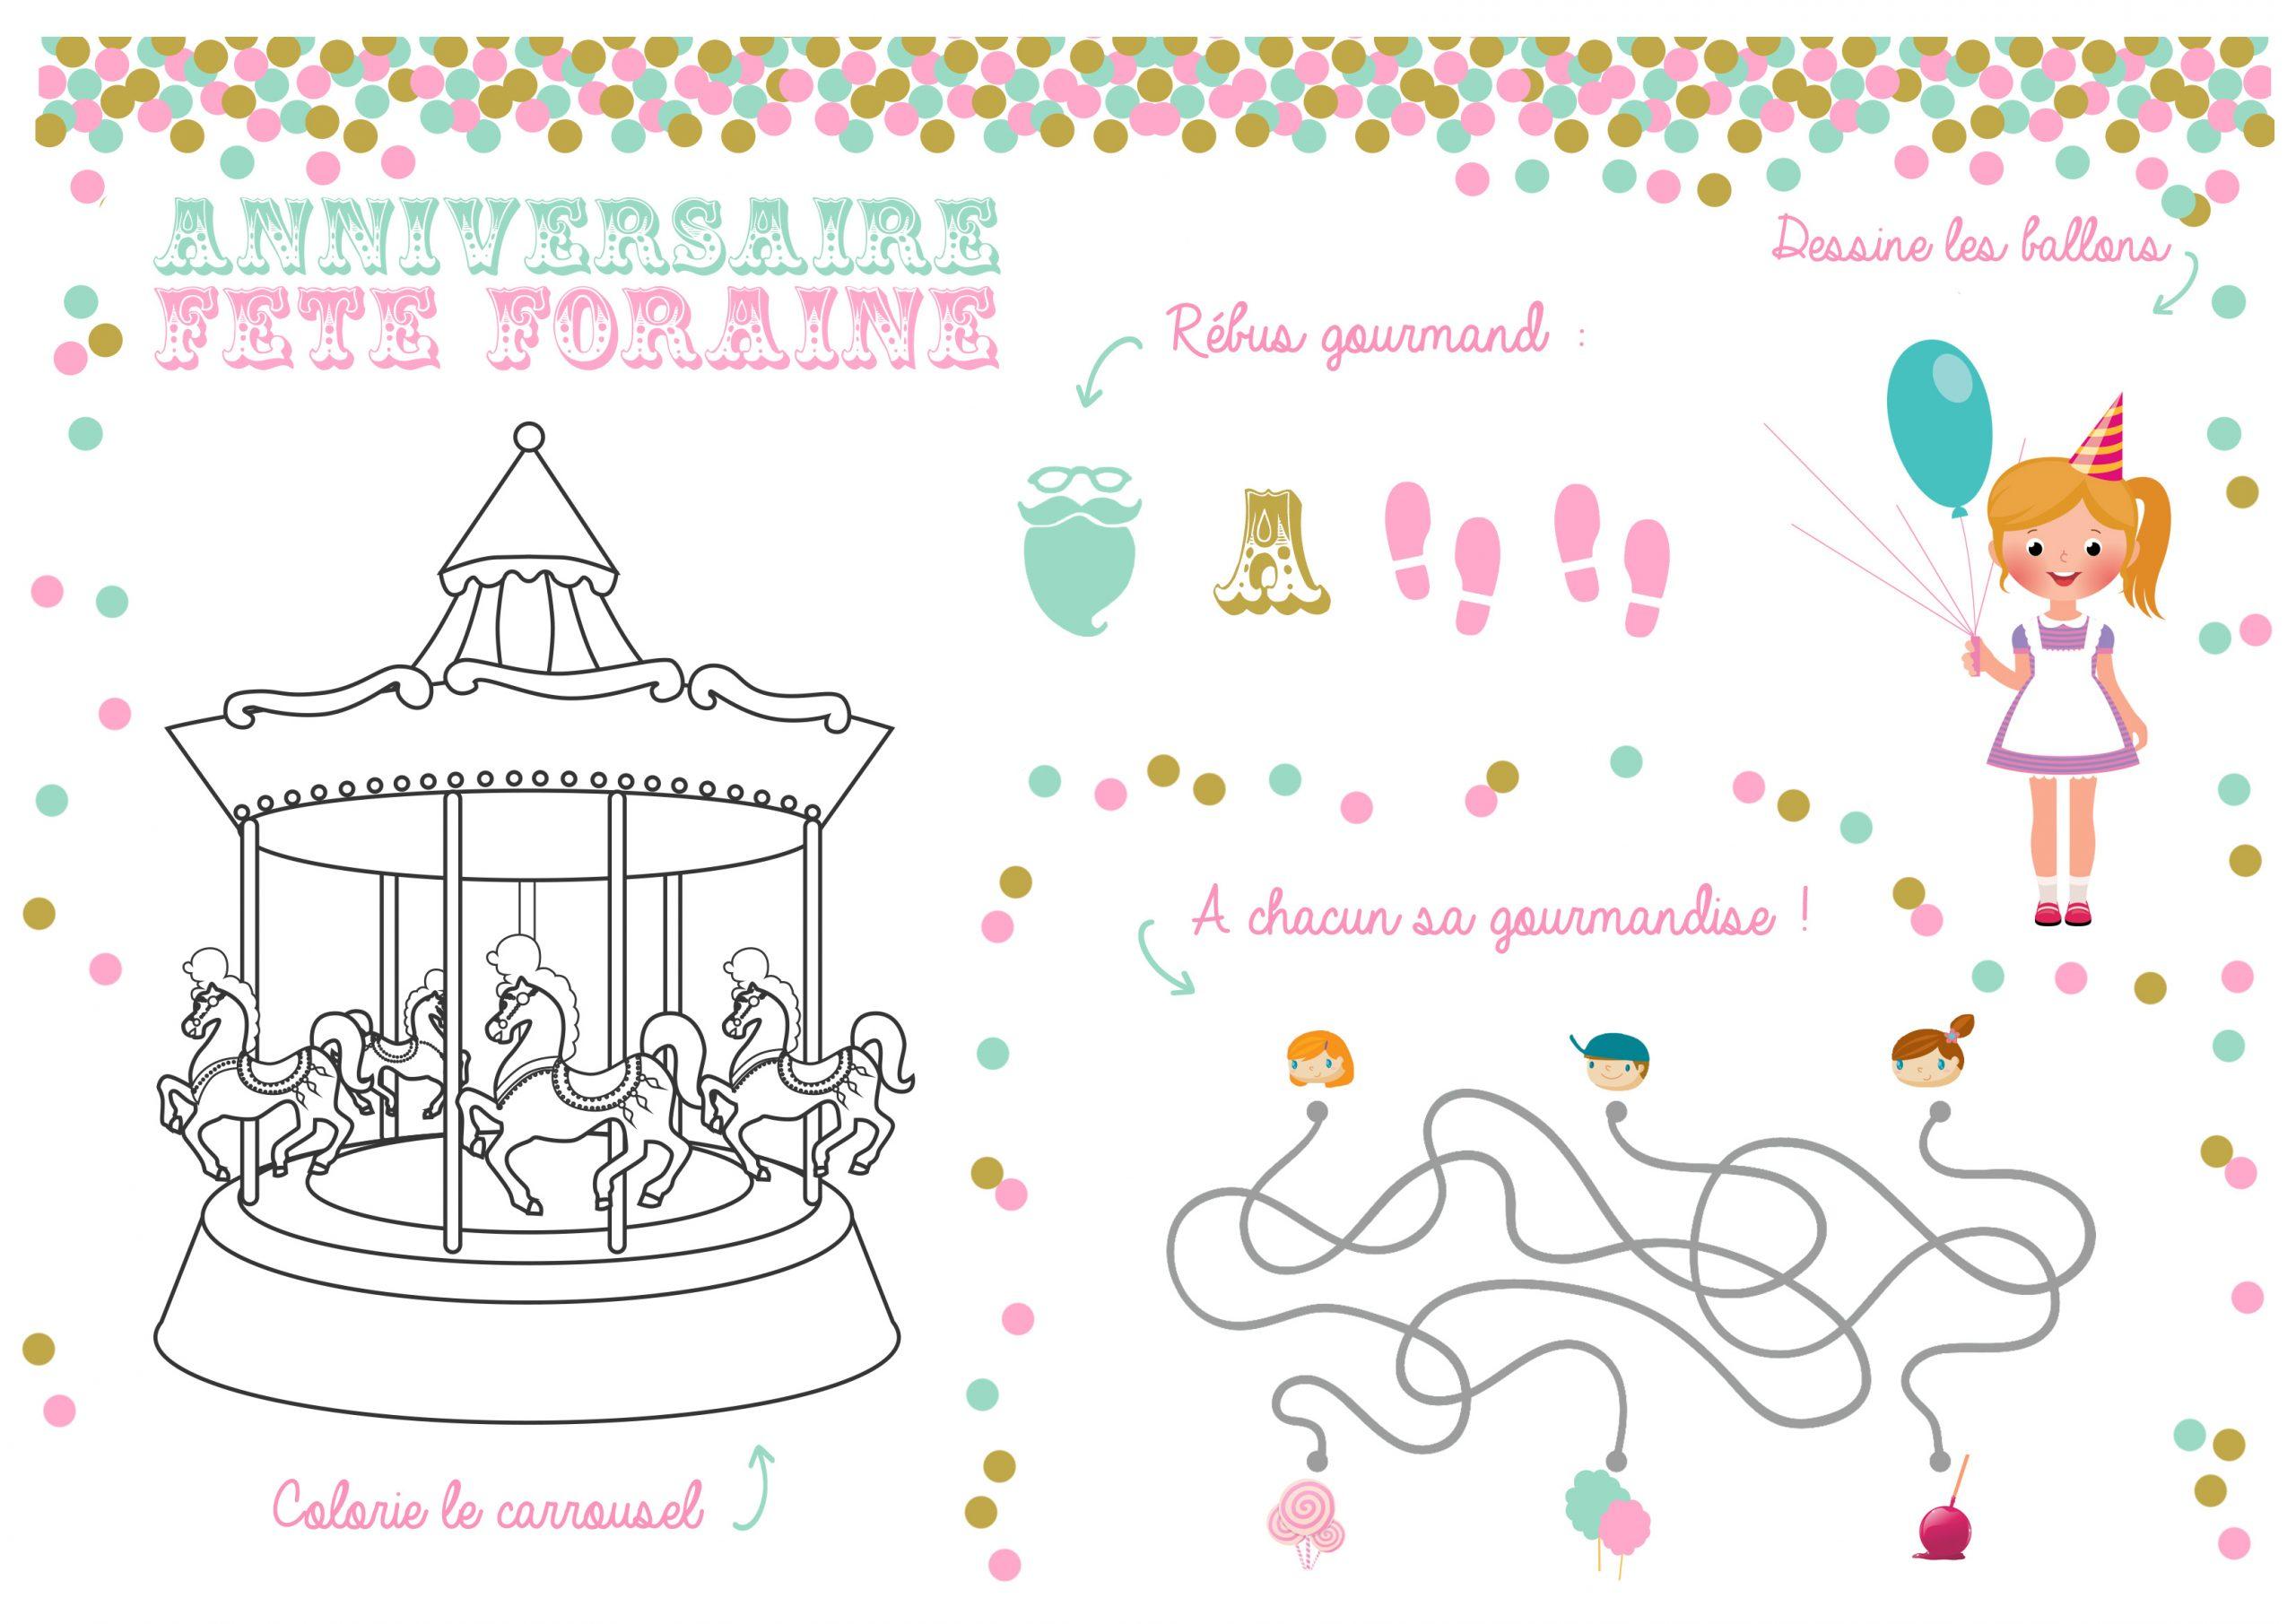 Set De Table Anniversaire Fête À Foraine À Imprimer - Momes destiné Rebus A Imprimer Gratuitement